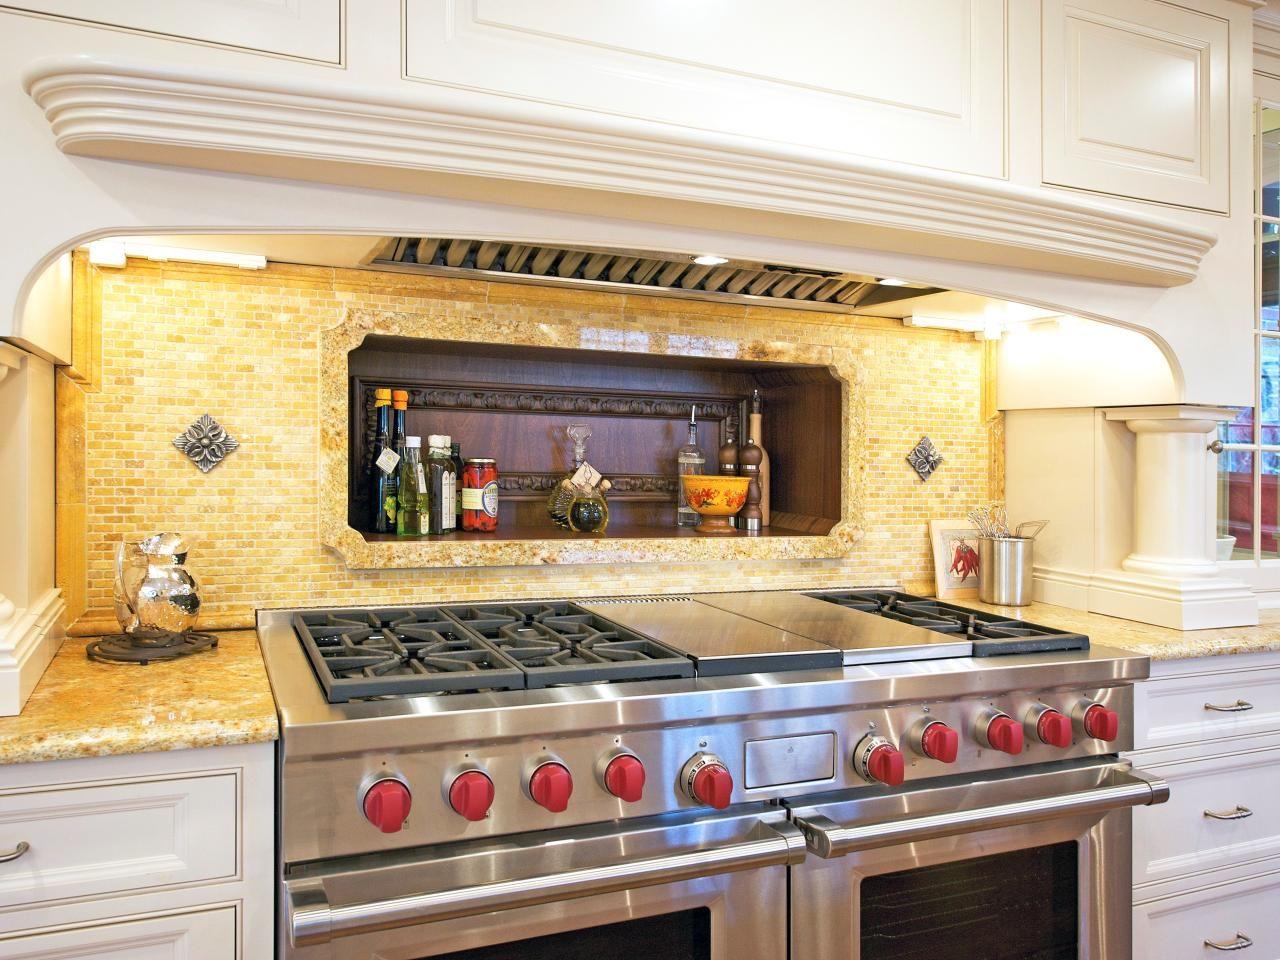 42 Ideas de Diseños de Interiores para cocinas La cocina es uno Leer ...